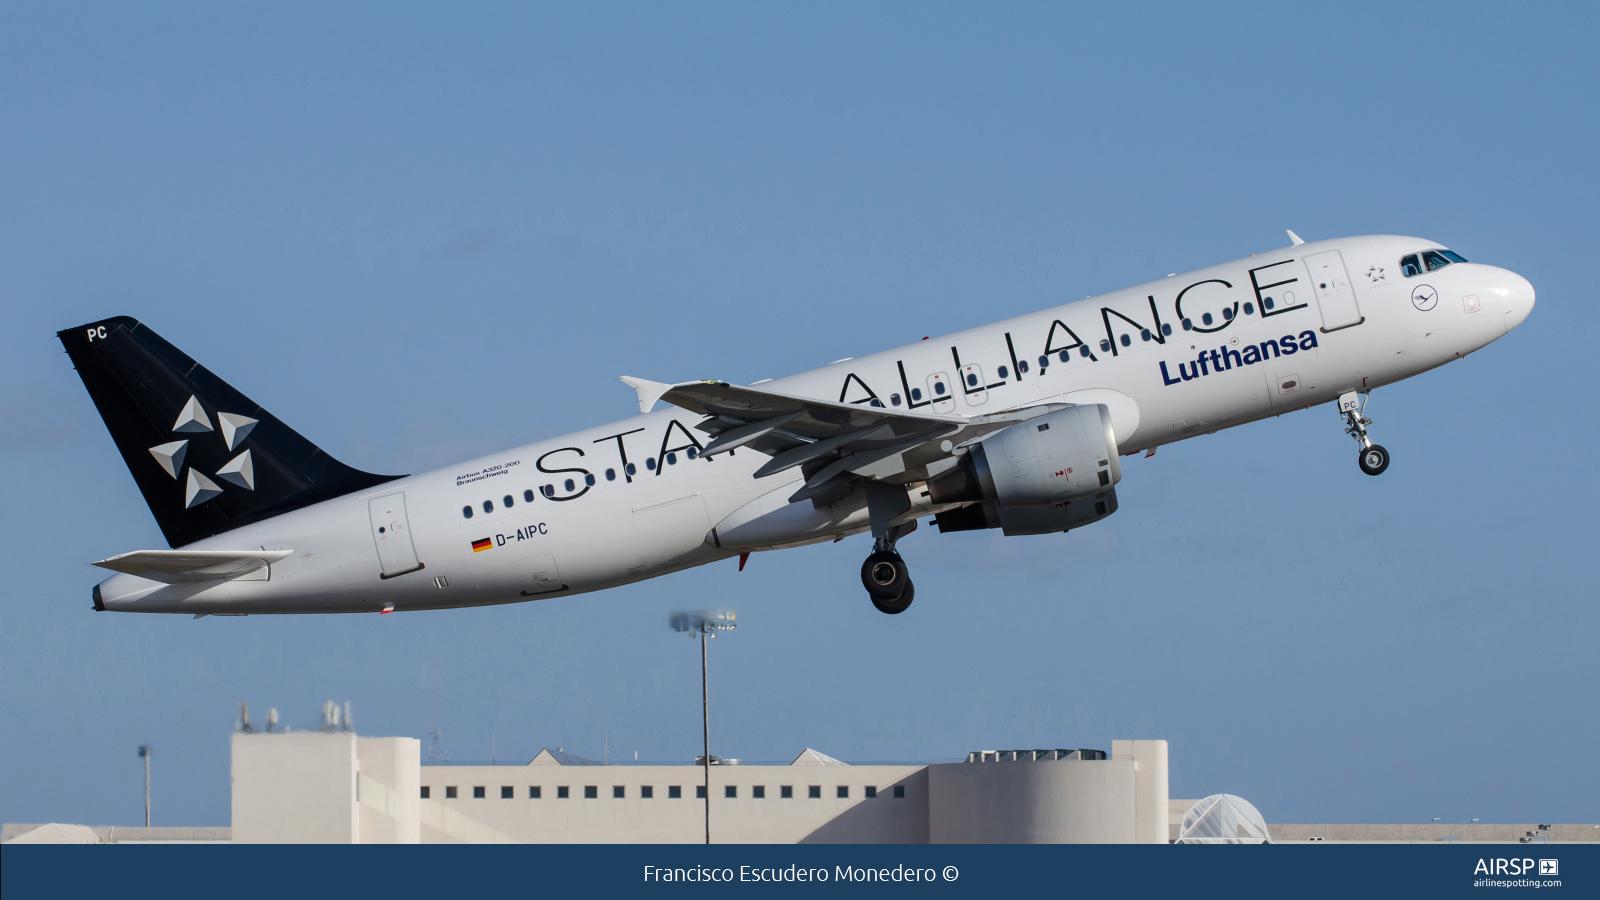 Lufthansa  Airbus A320  D-AIPC